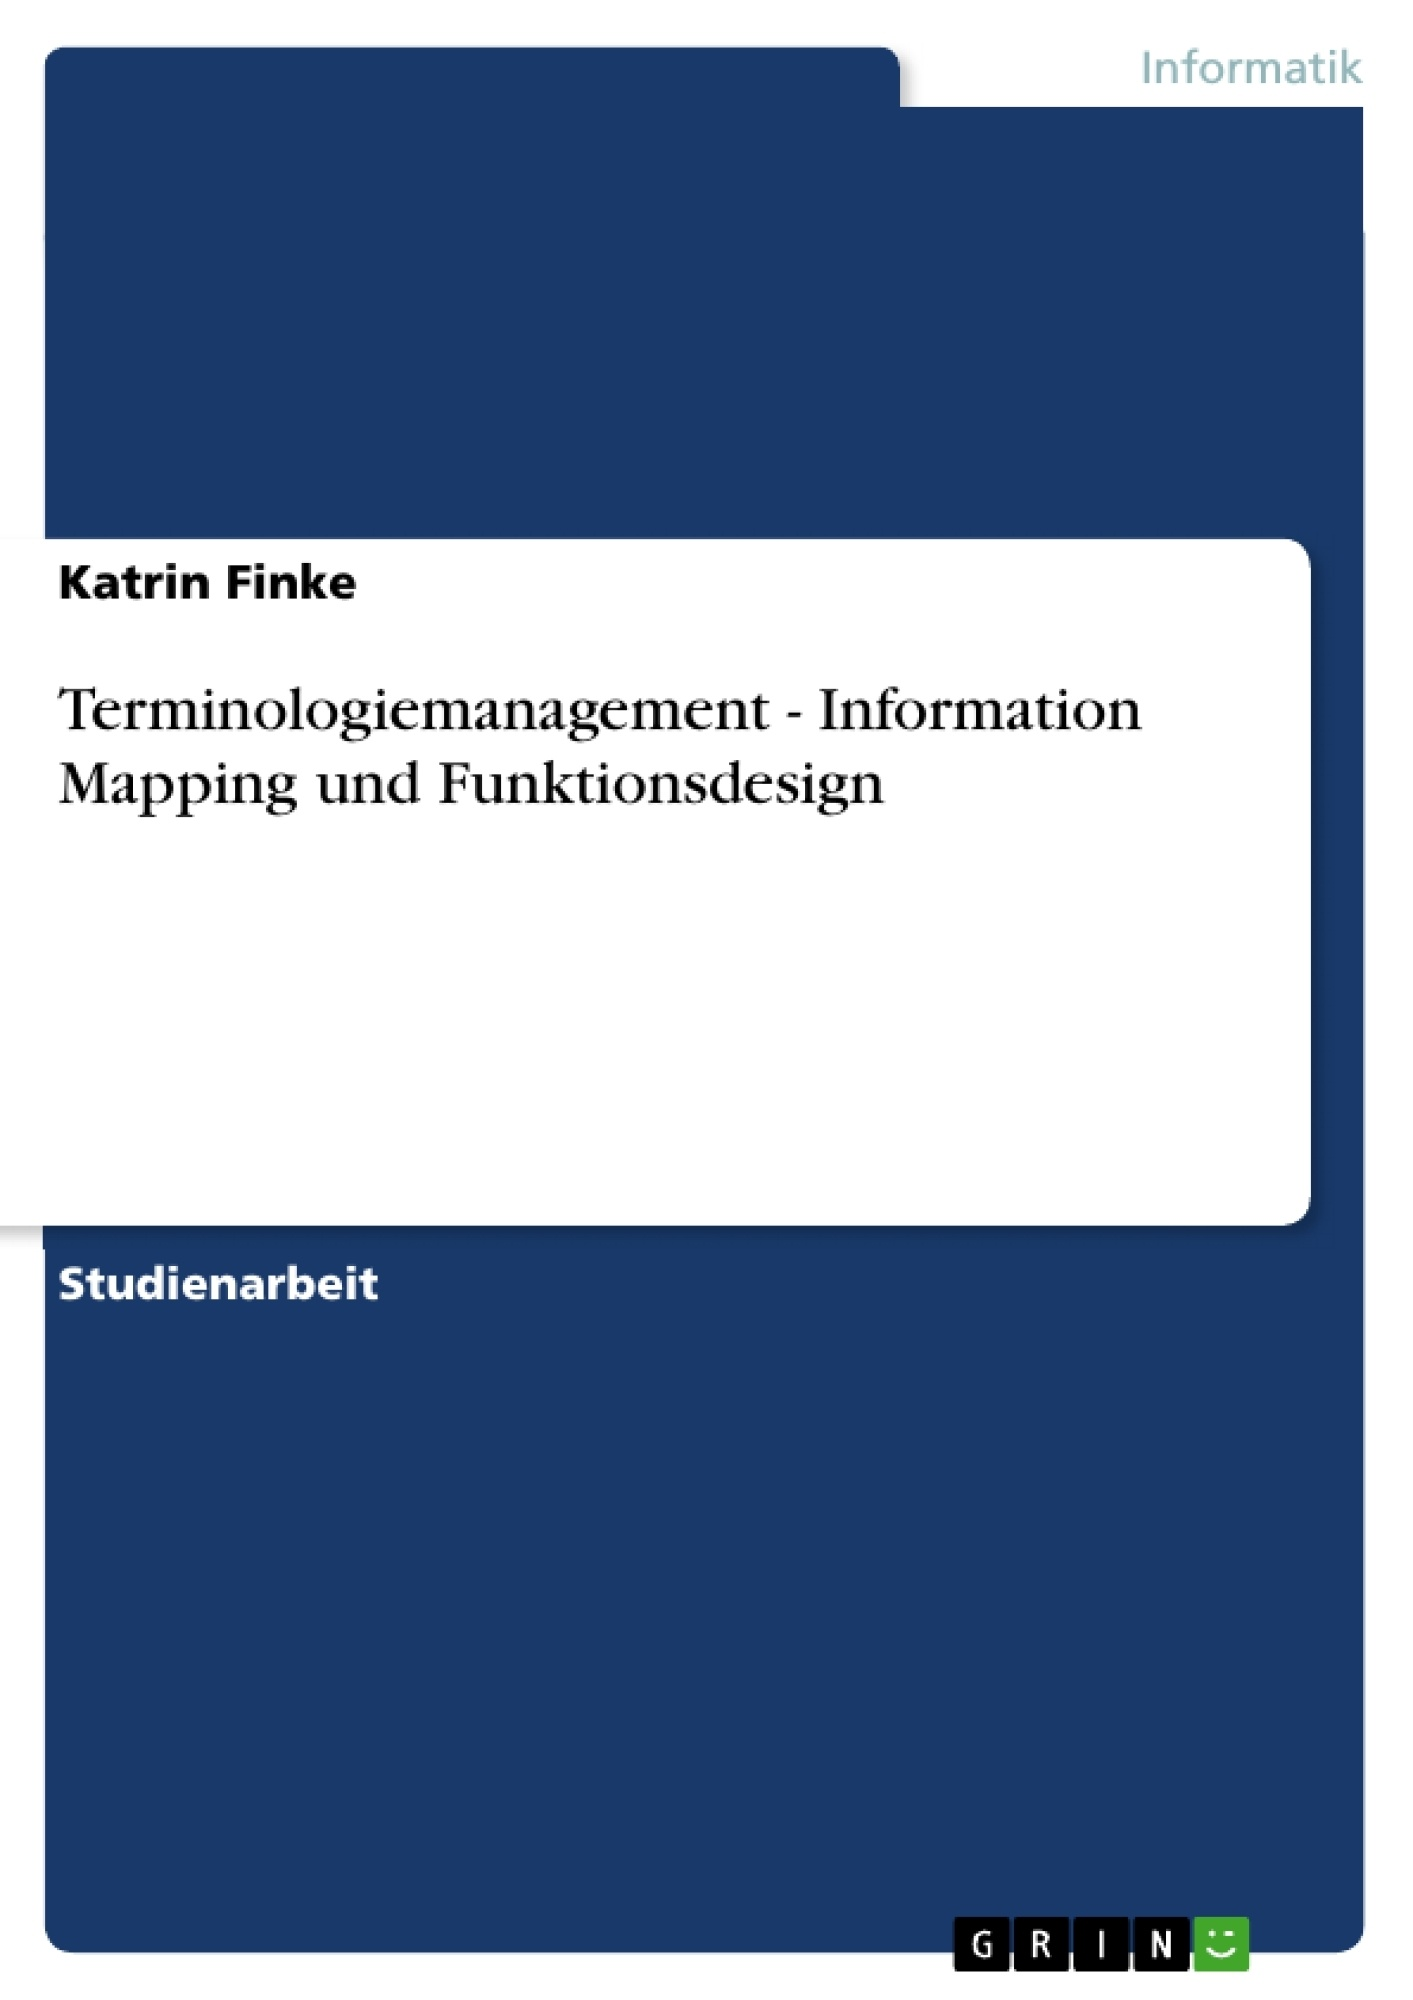 Titel: Terminologiemanagement - Information Mapping und Funktionsdesign